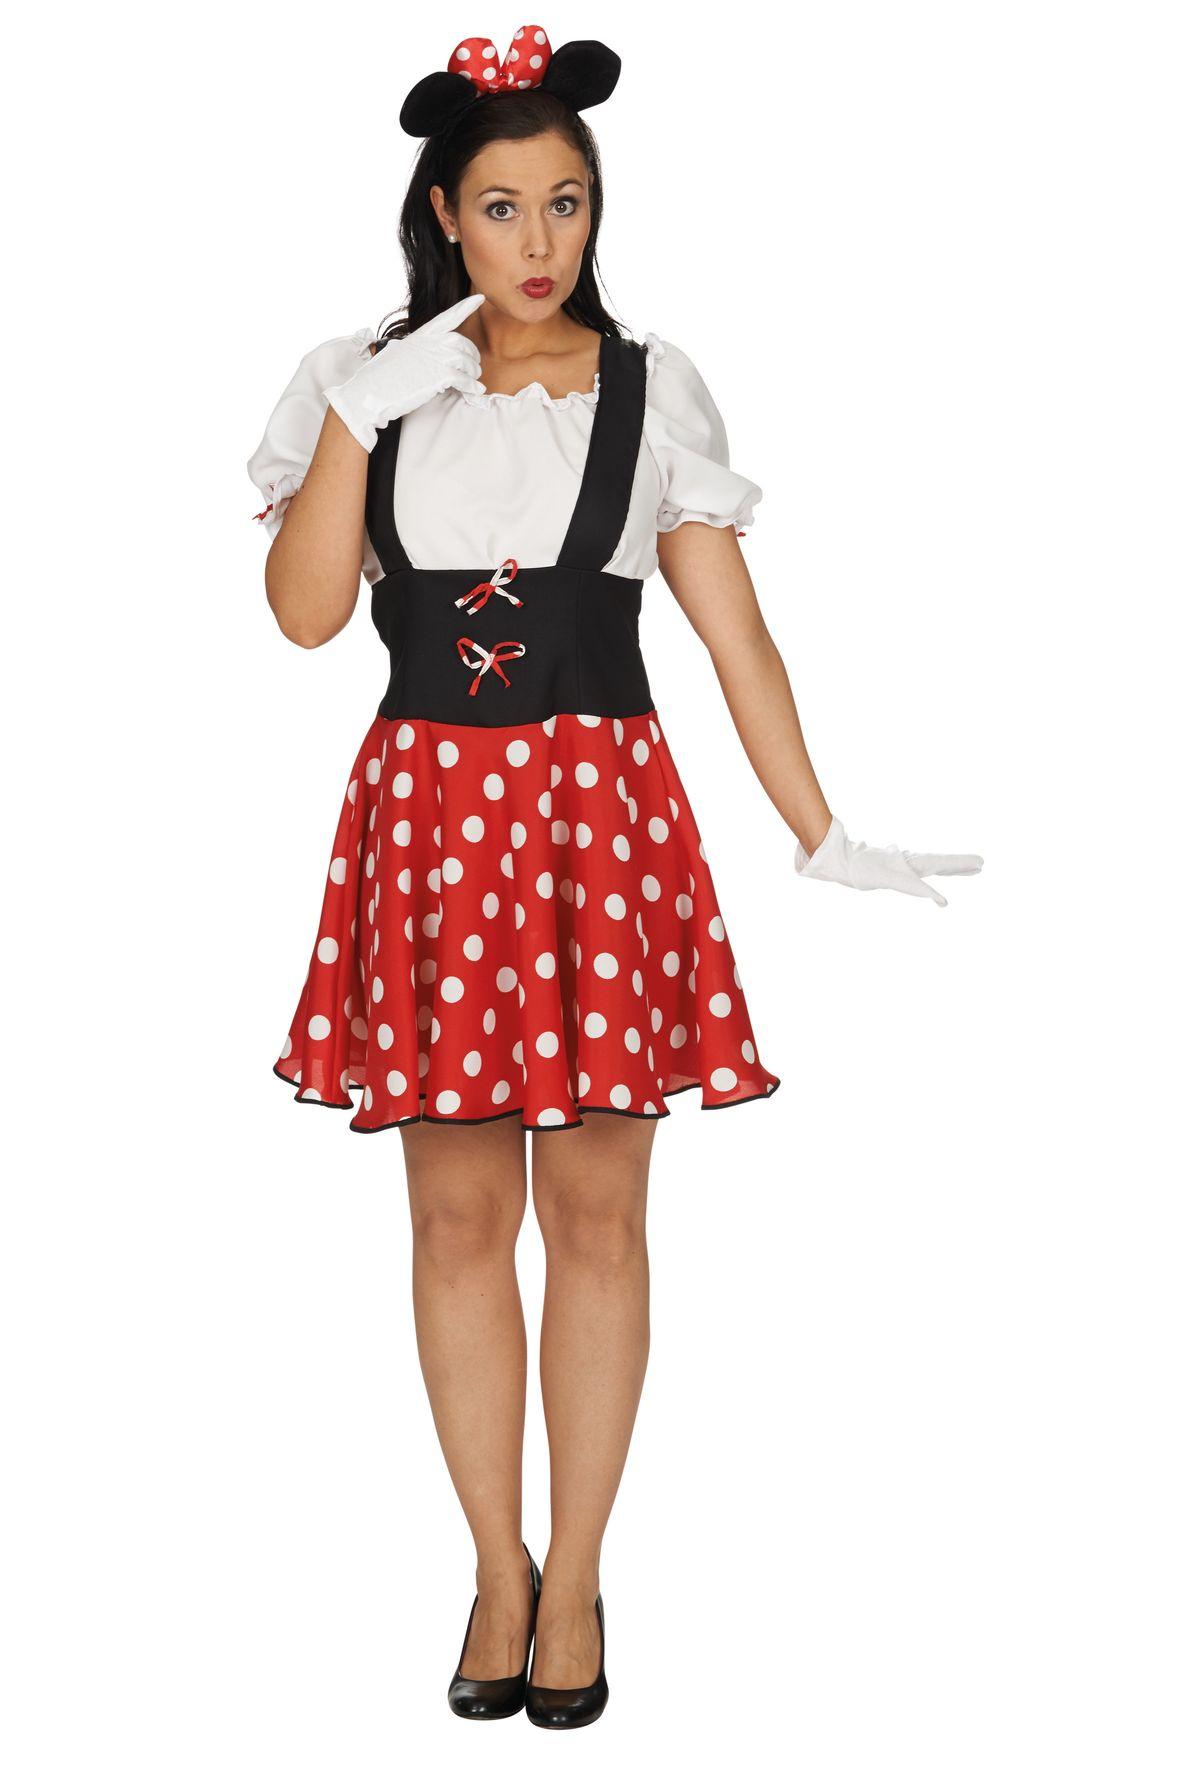 Mäuschen-Kleid bei Party Schlaudt Wiesbaden kaufen